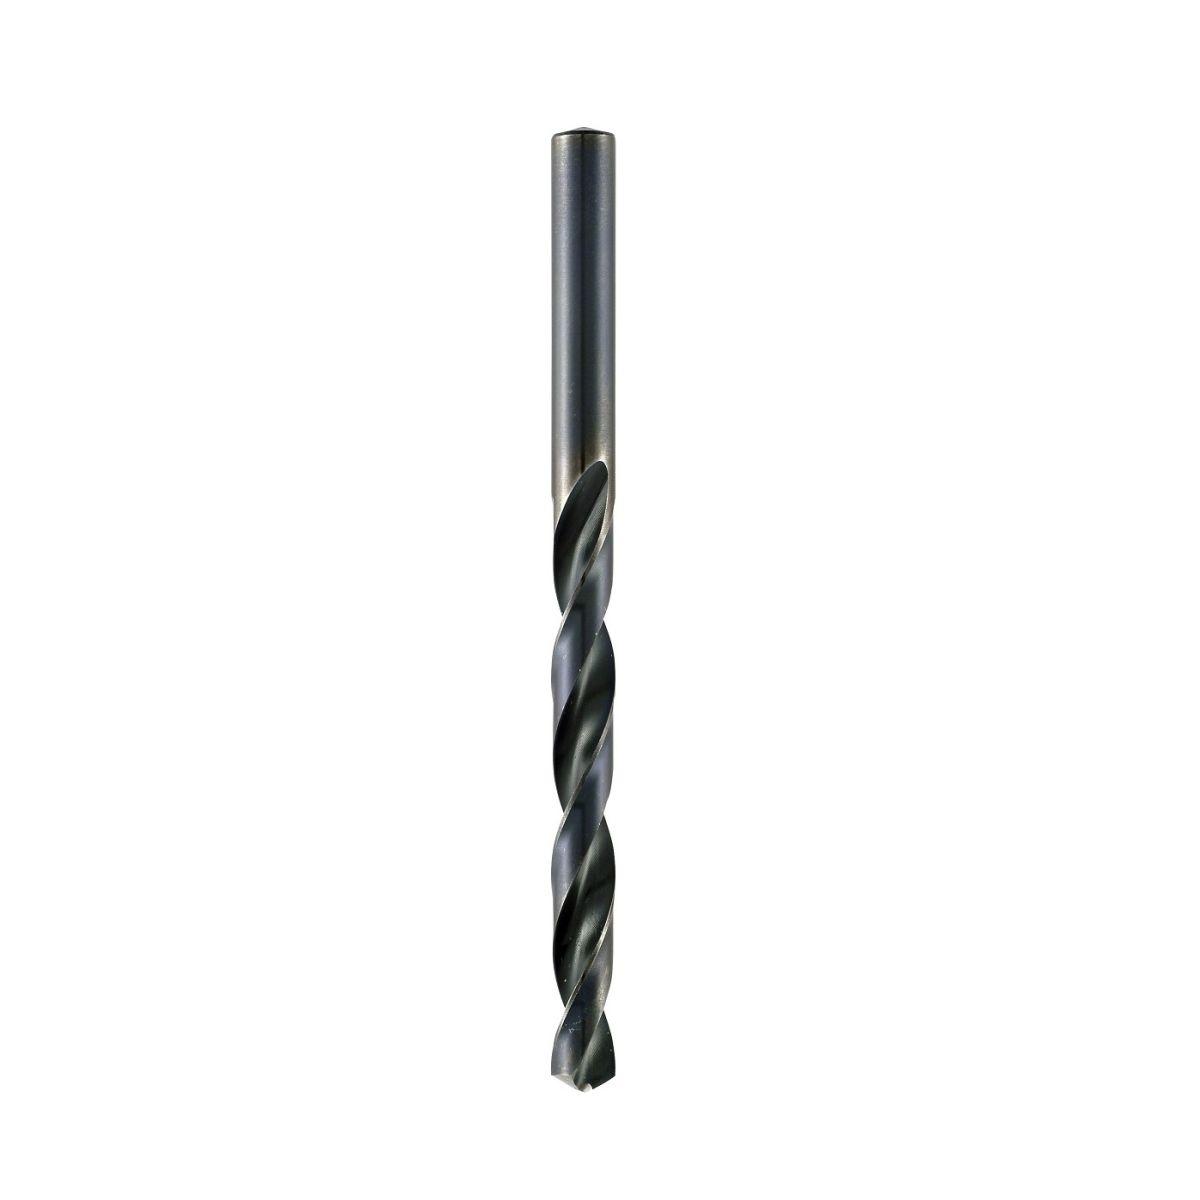 51641 680 mm jobber drill din 338 601006801